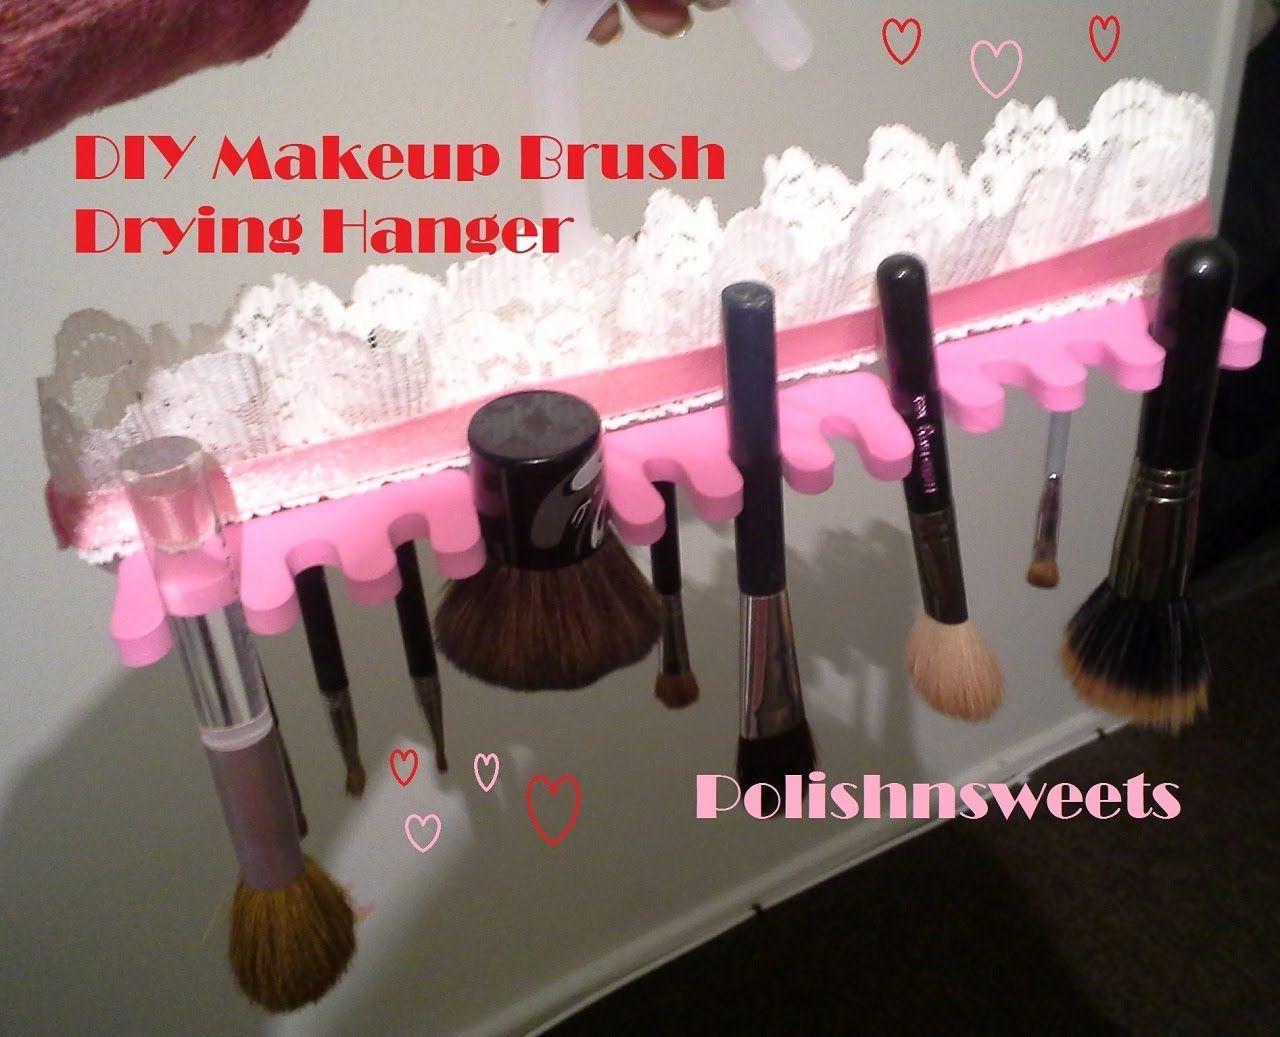 DIY Makeup Brush Drying Hanger Makeup Brush Drying